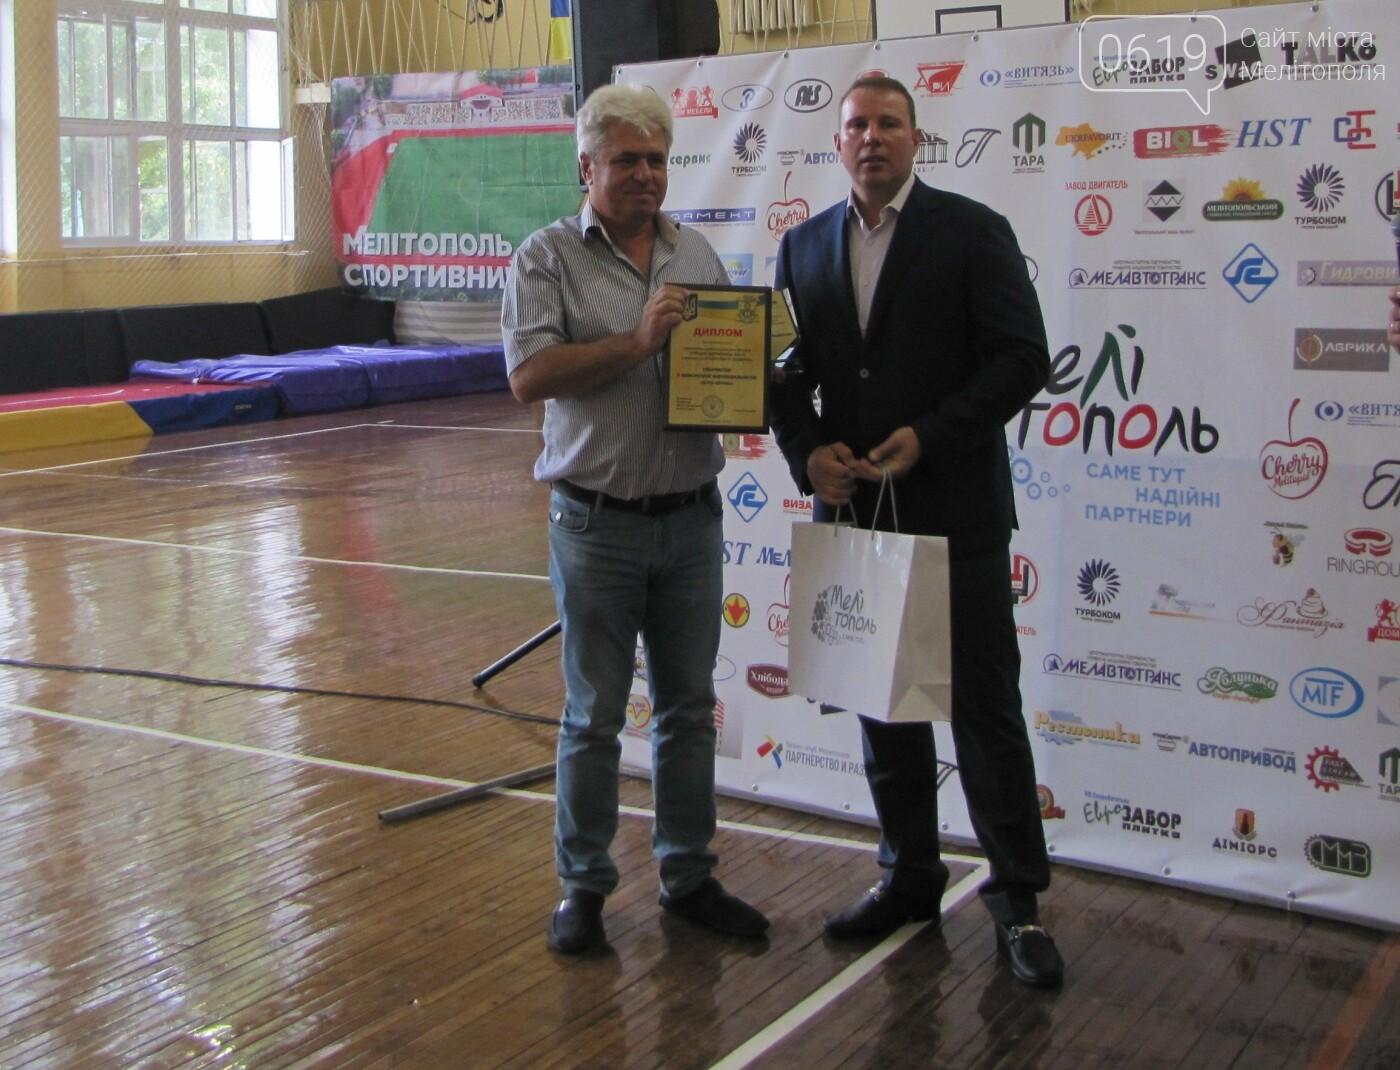 Мелитопольских предпринимателей поздравили с профессиональным праздником, фото-4